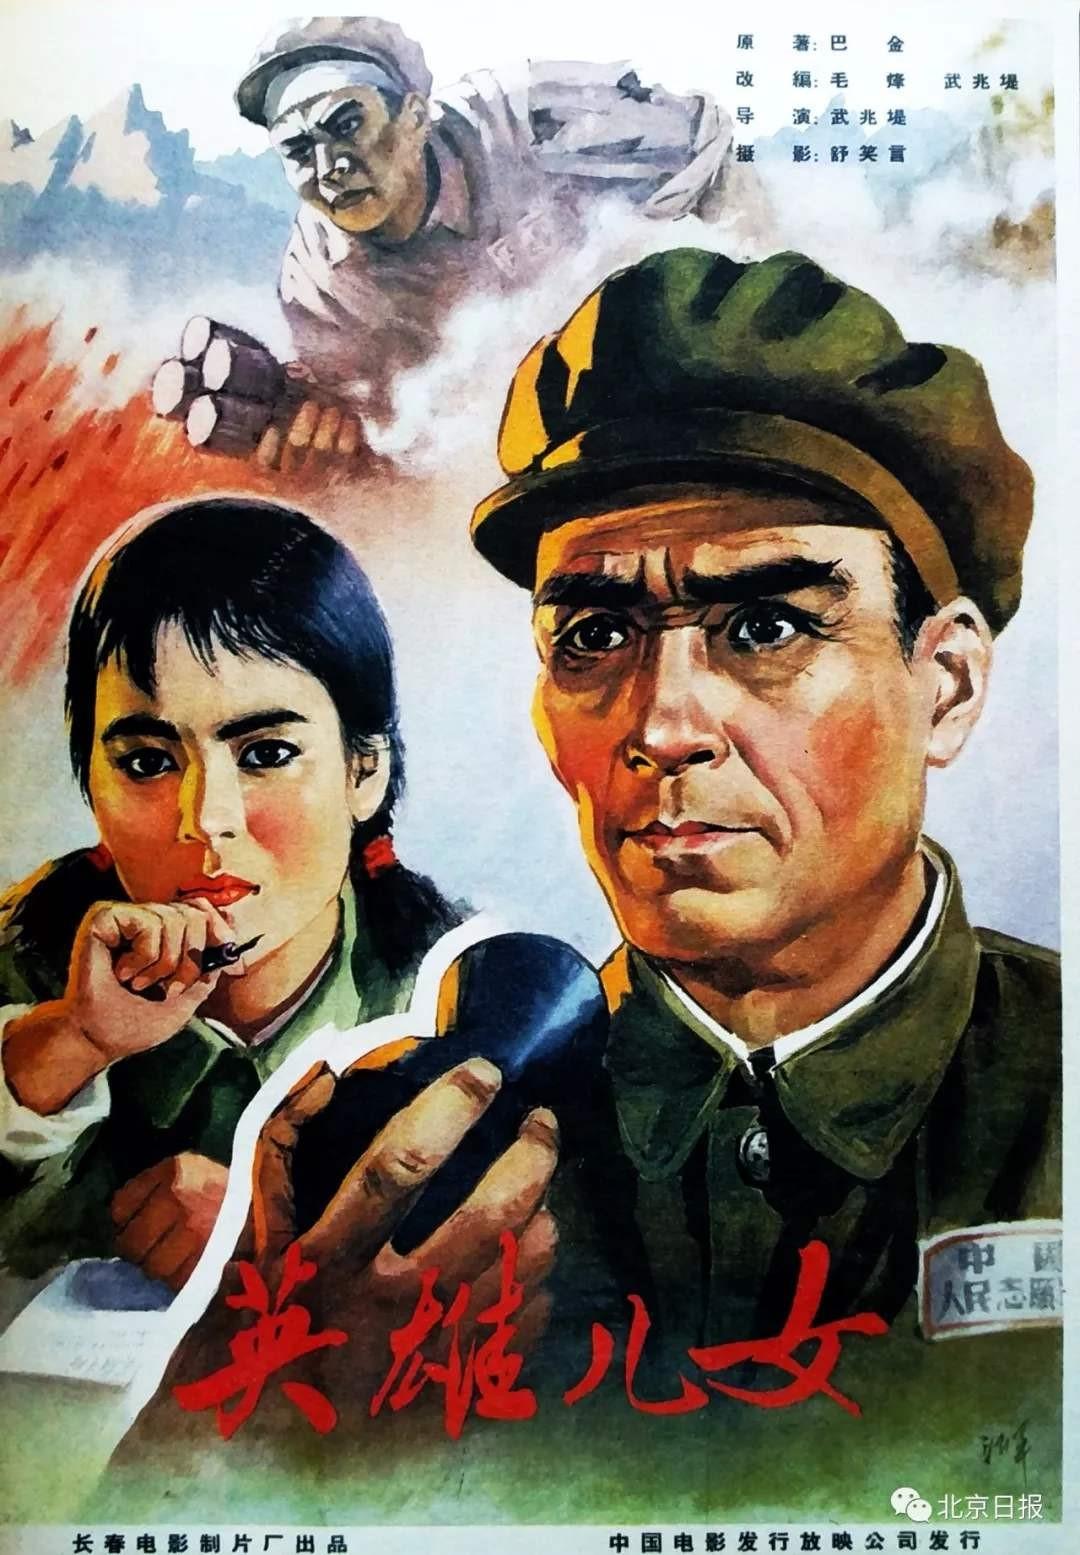 抗美援朝的影音记忆图片